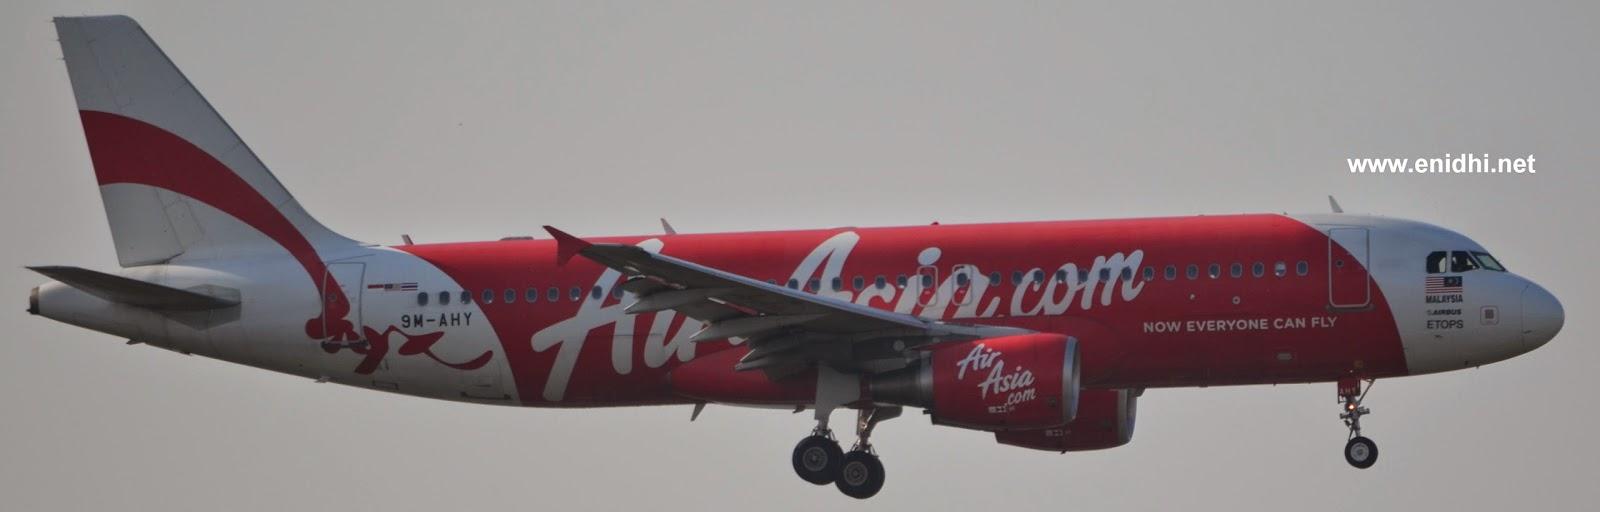 Vuelos a Chennai Entradas Air a Chennai, billetes de avión a Chennai India Libro en línea en